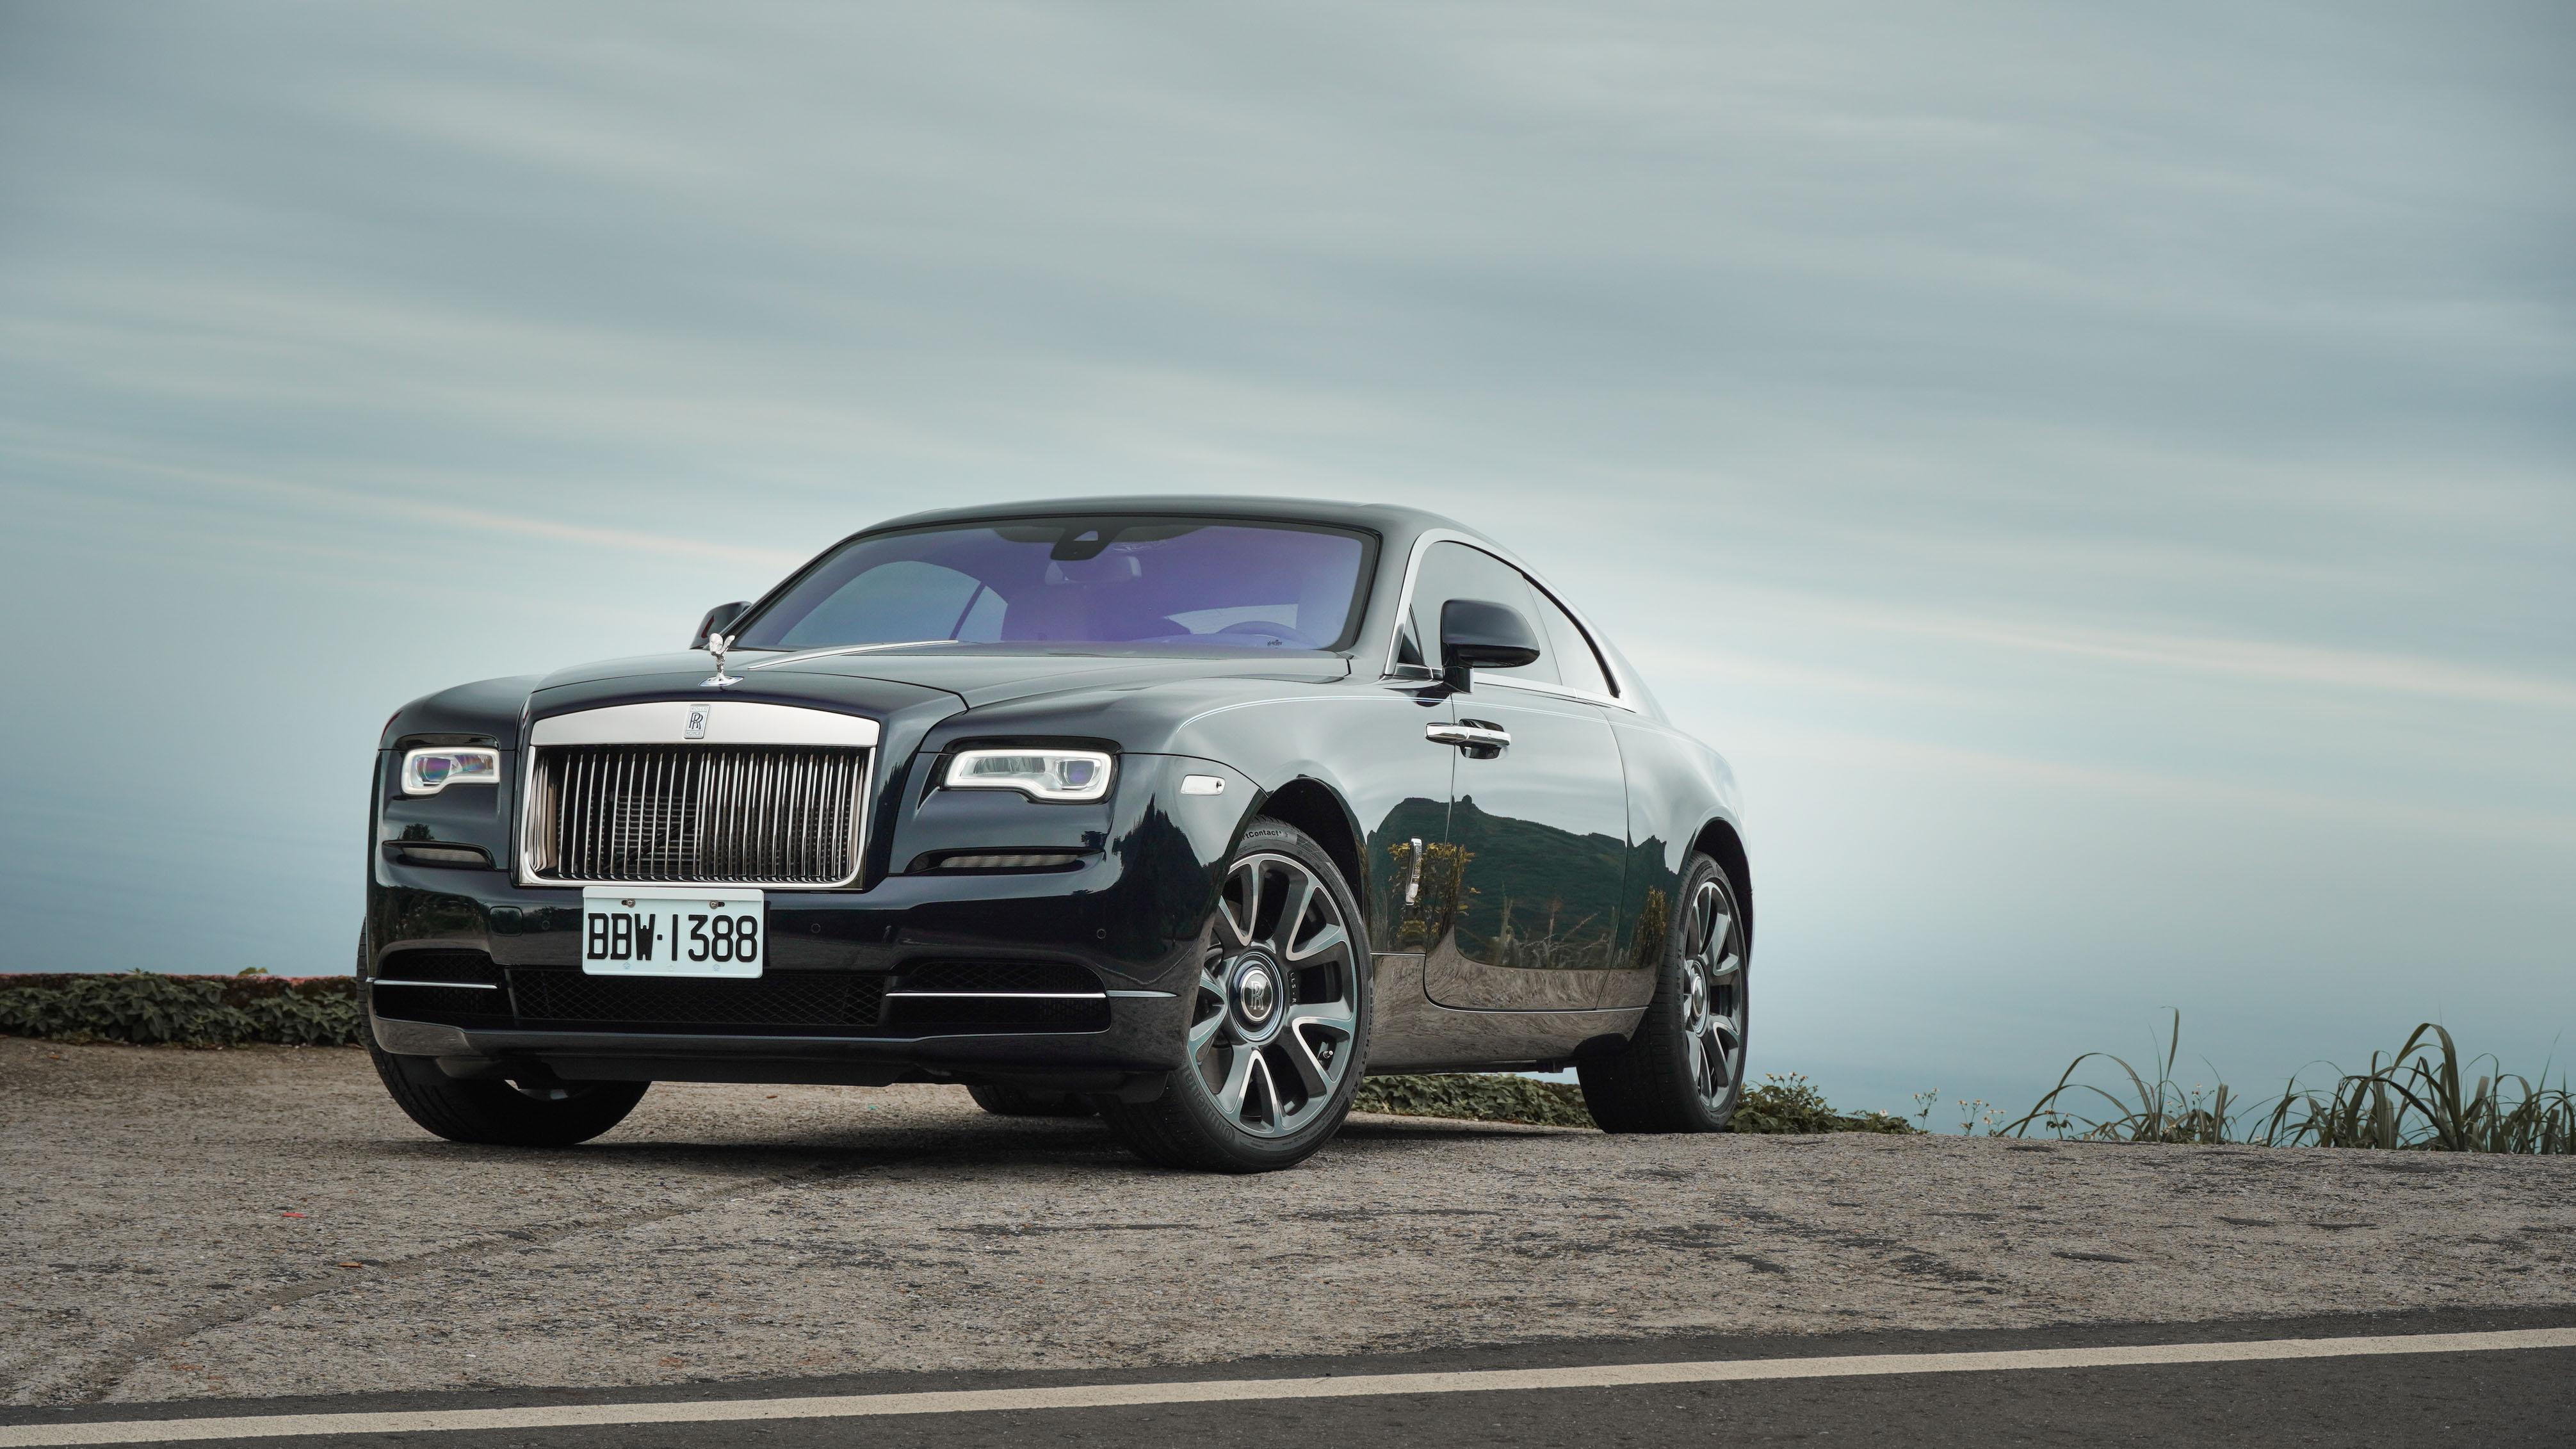 試駕車採用「精緻外觀套件」,包含車色寶石藍黑。